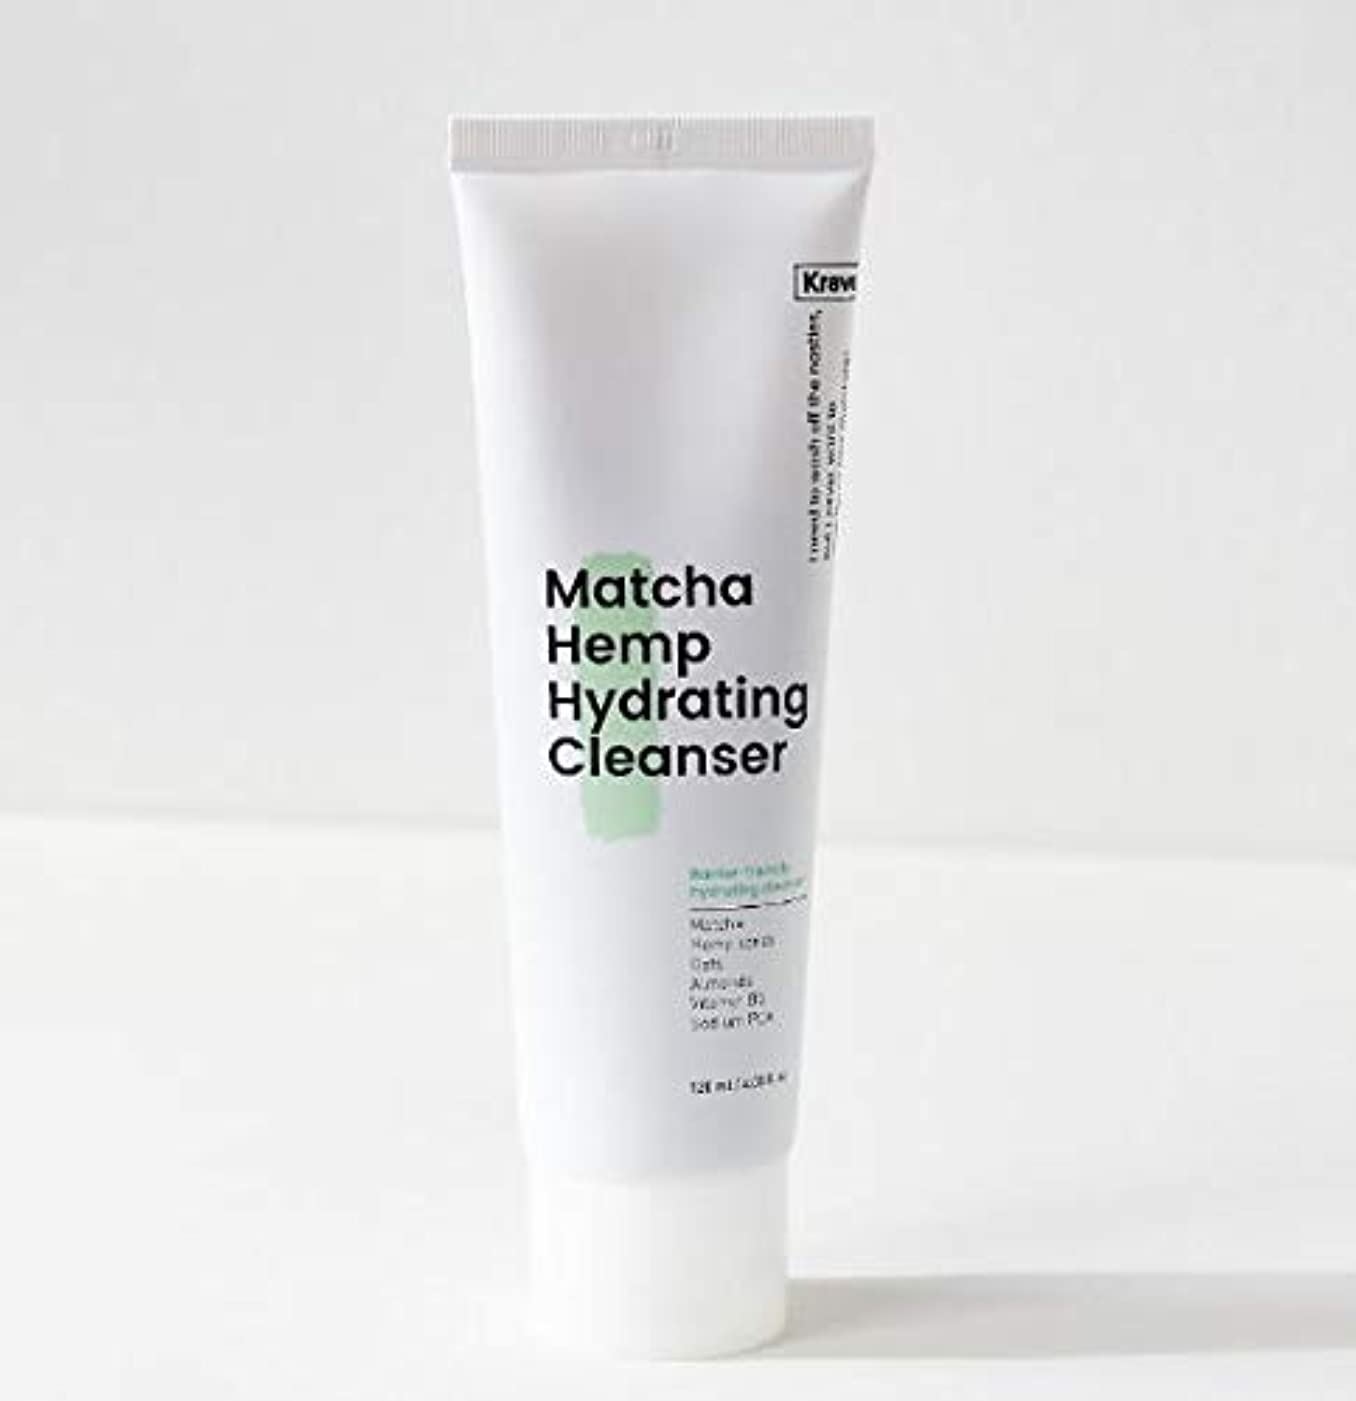 避けられないファンタジー計器[Krave] Matcha Hemp Hydrating Cleanser 120ml / 抹茶ハイドレイティングクレンザー120ml [並行輸入品]